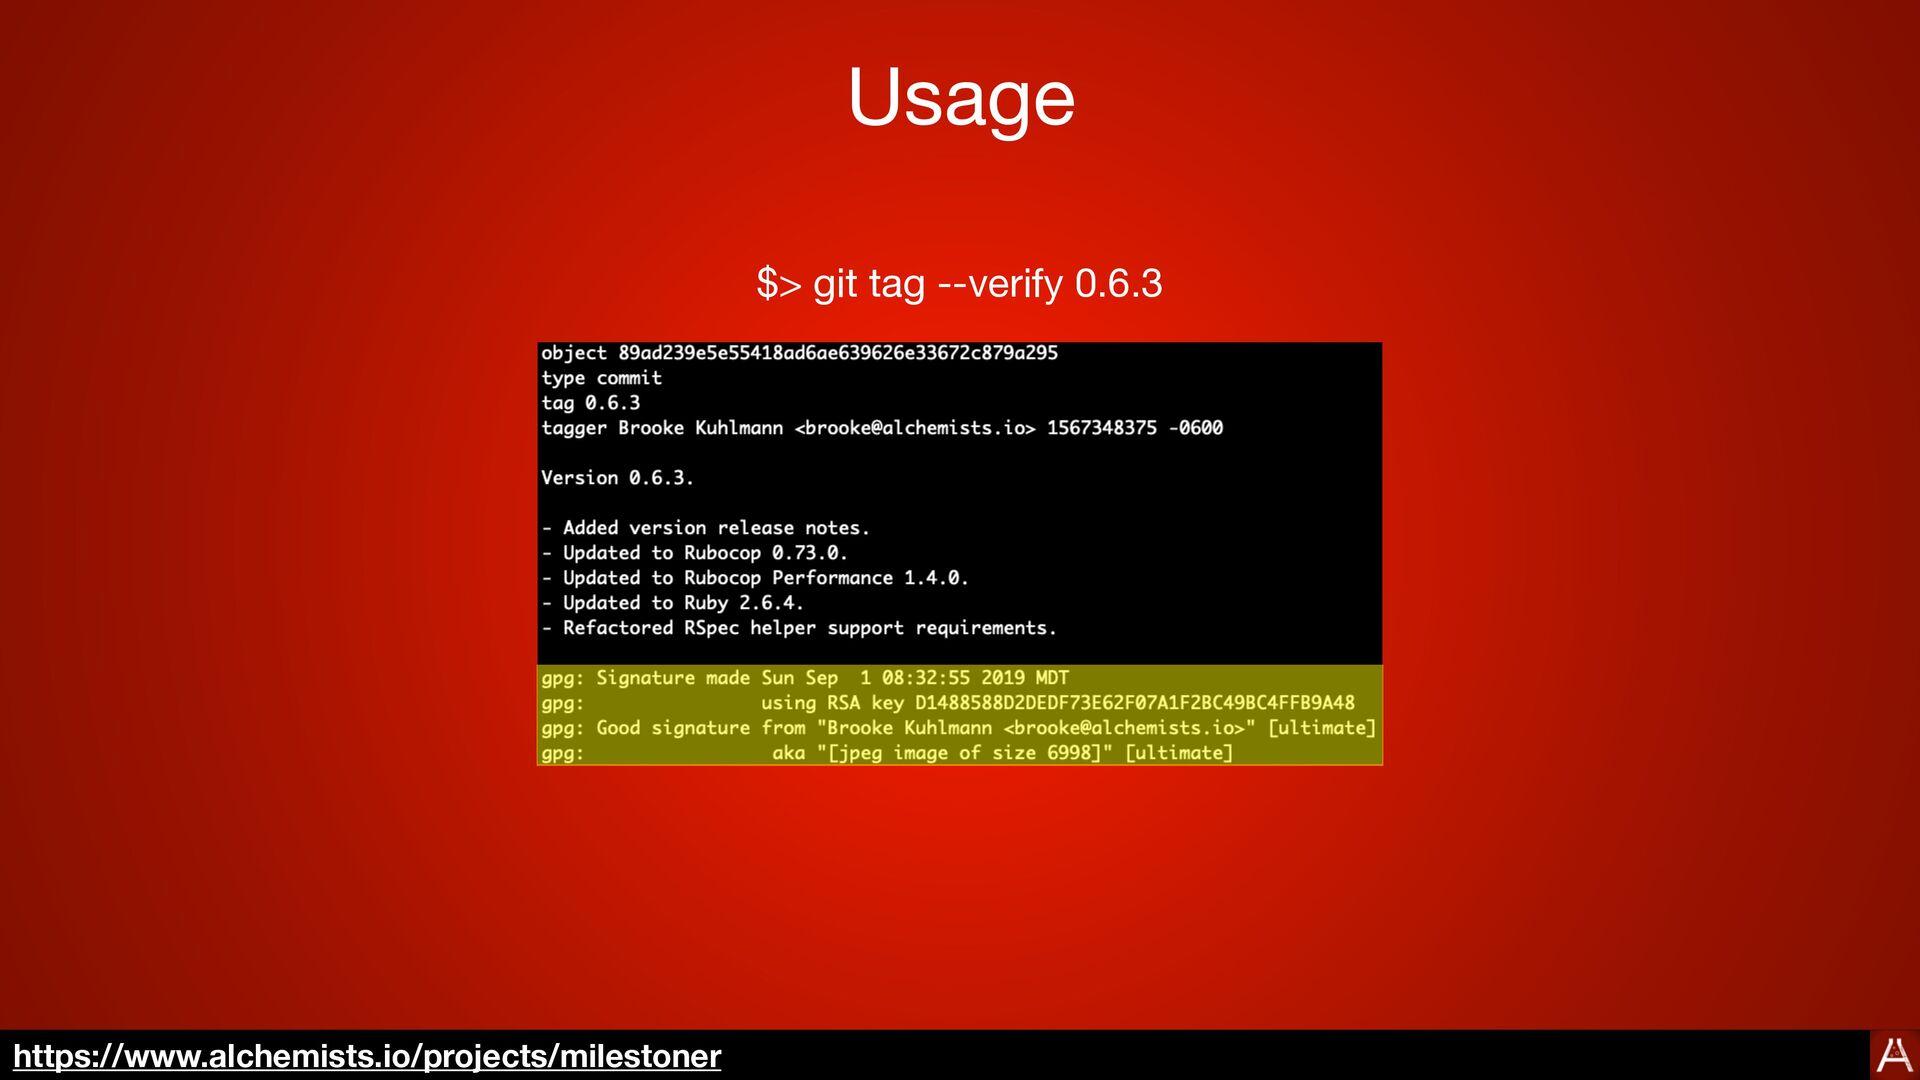 https://www.alchemists.io/projects Foundational...